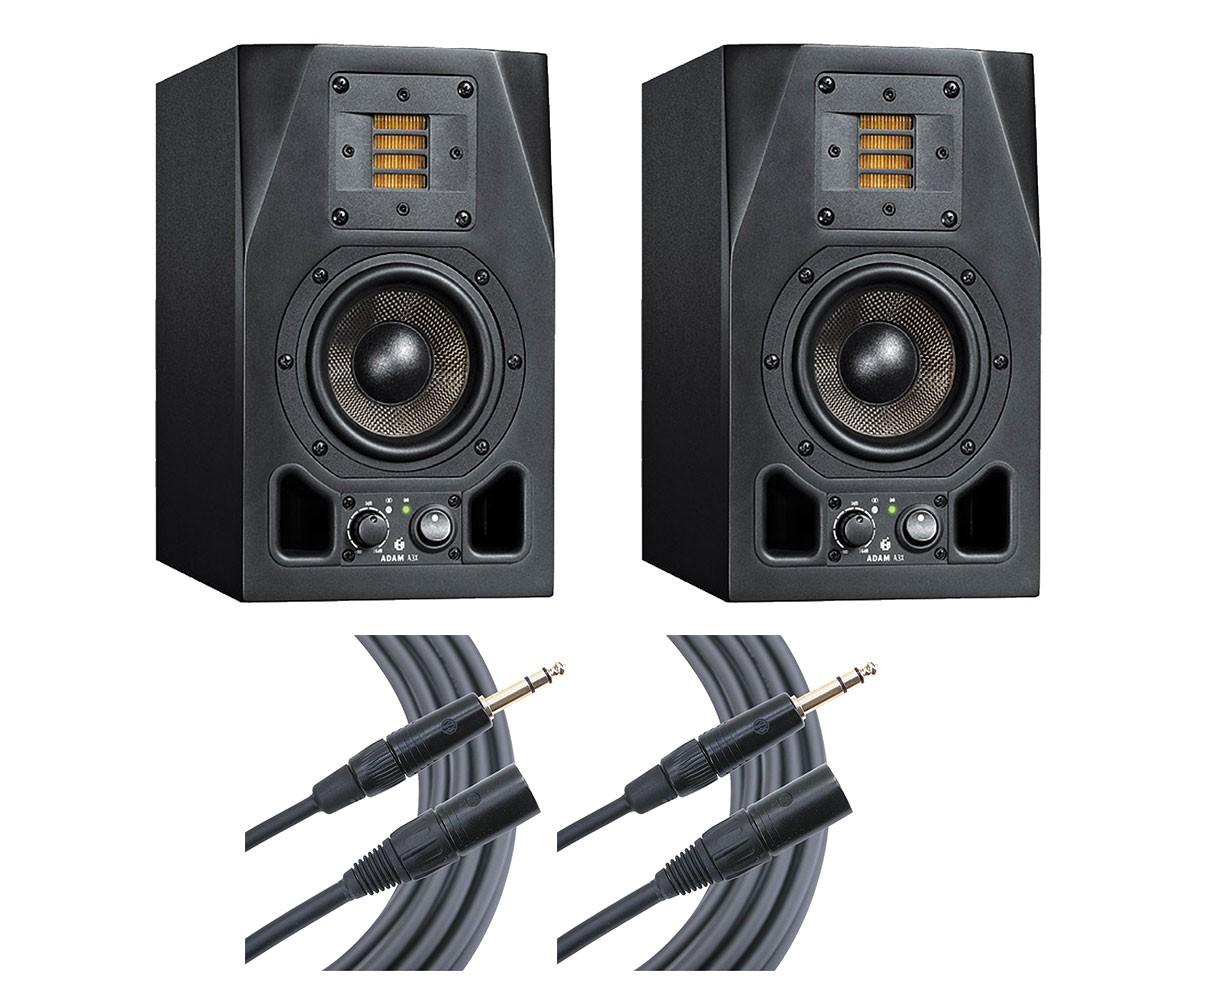 2x ADAM A3X + Mogami Cables